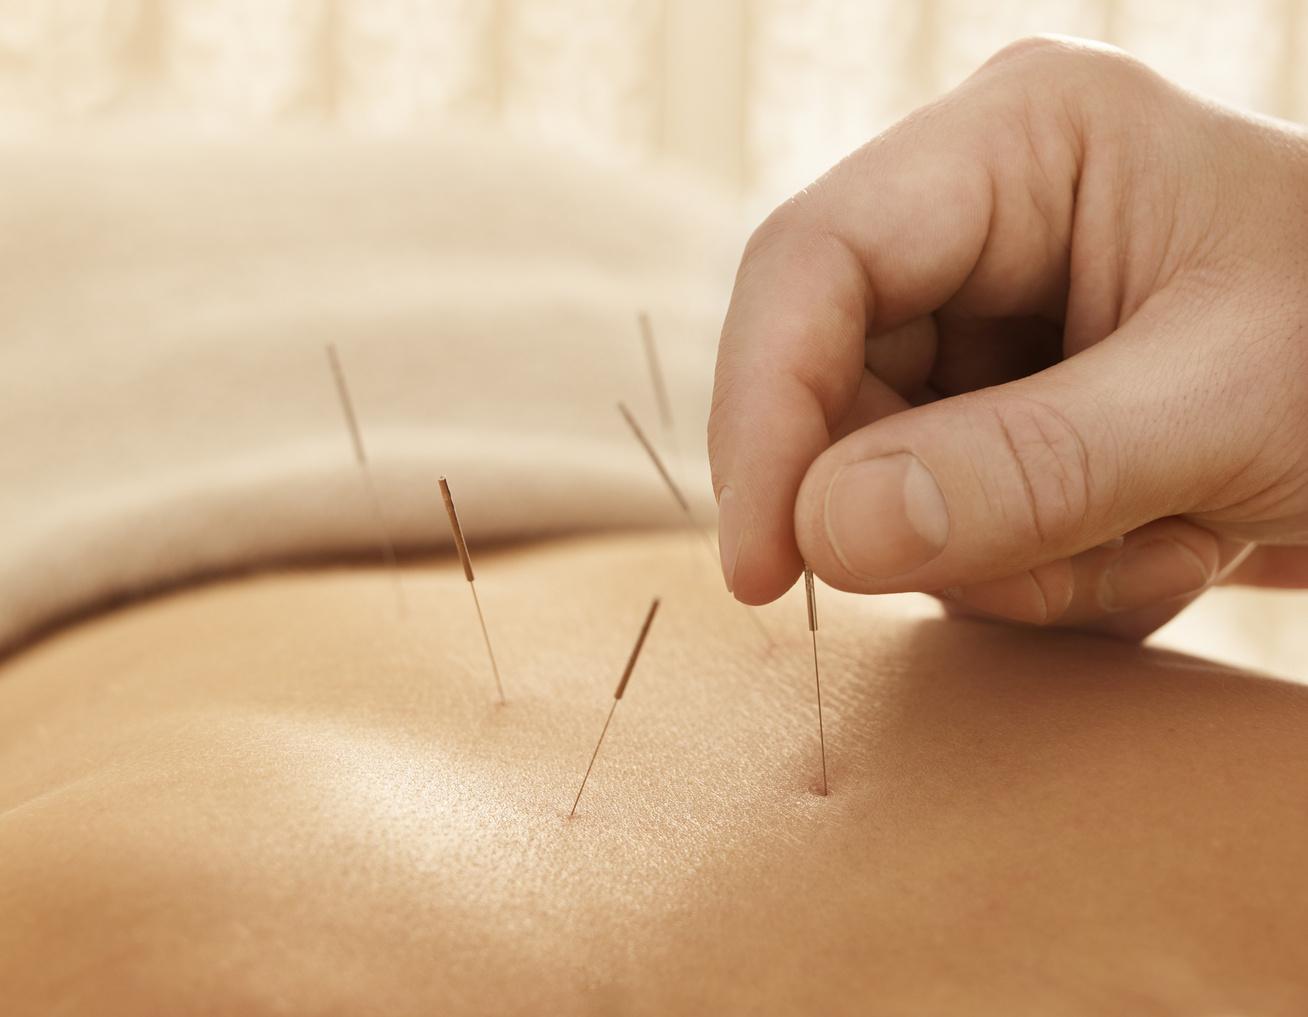 áttekinti a visszér akupunktúrás kezelését